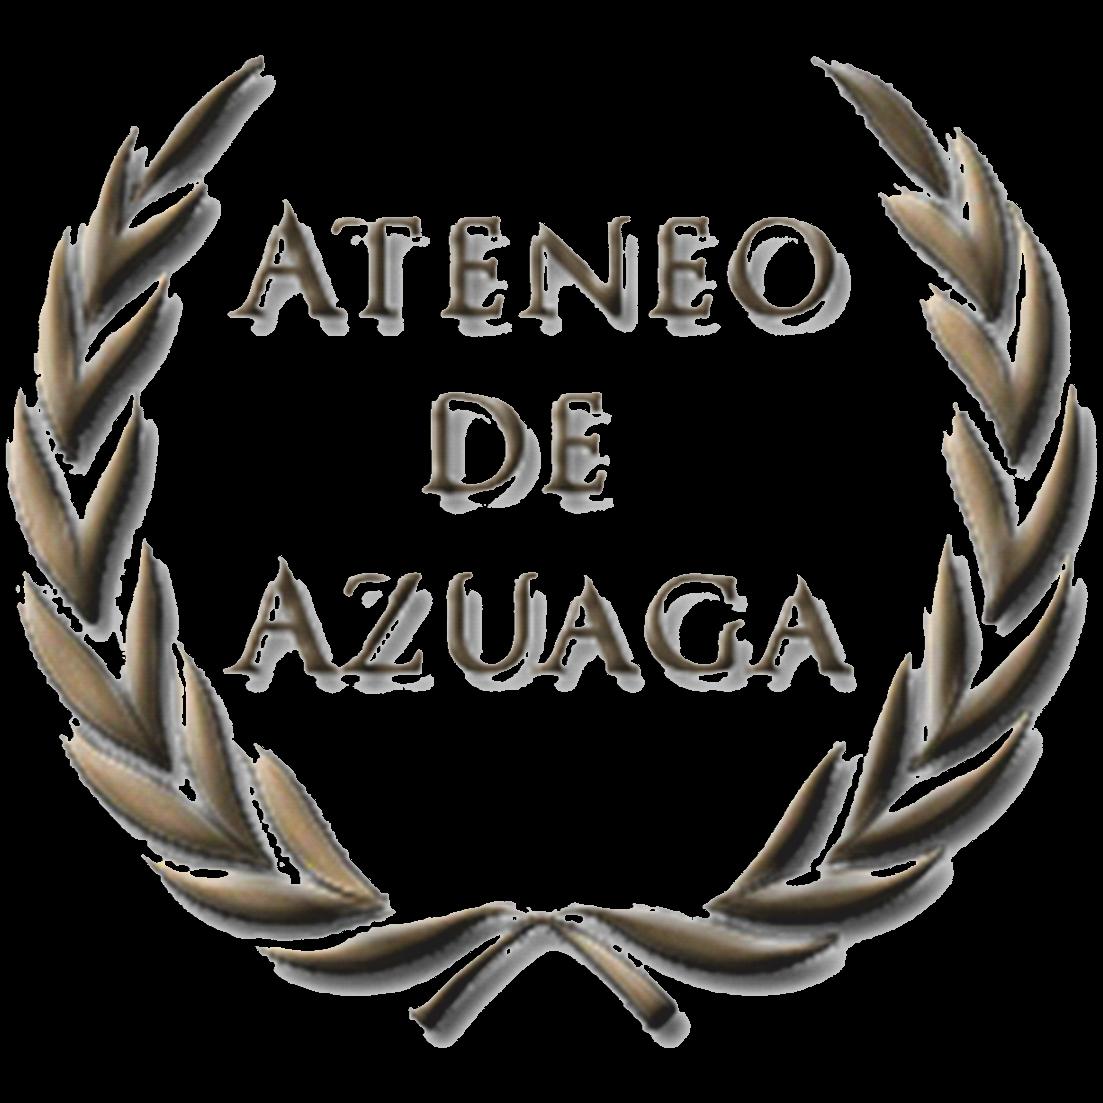 Ateneo de Azuaga